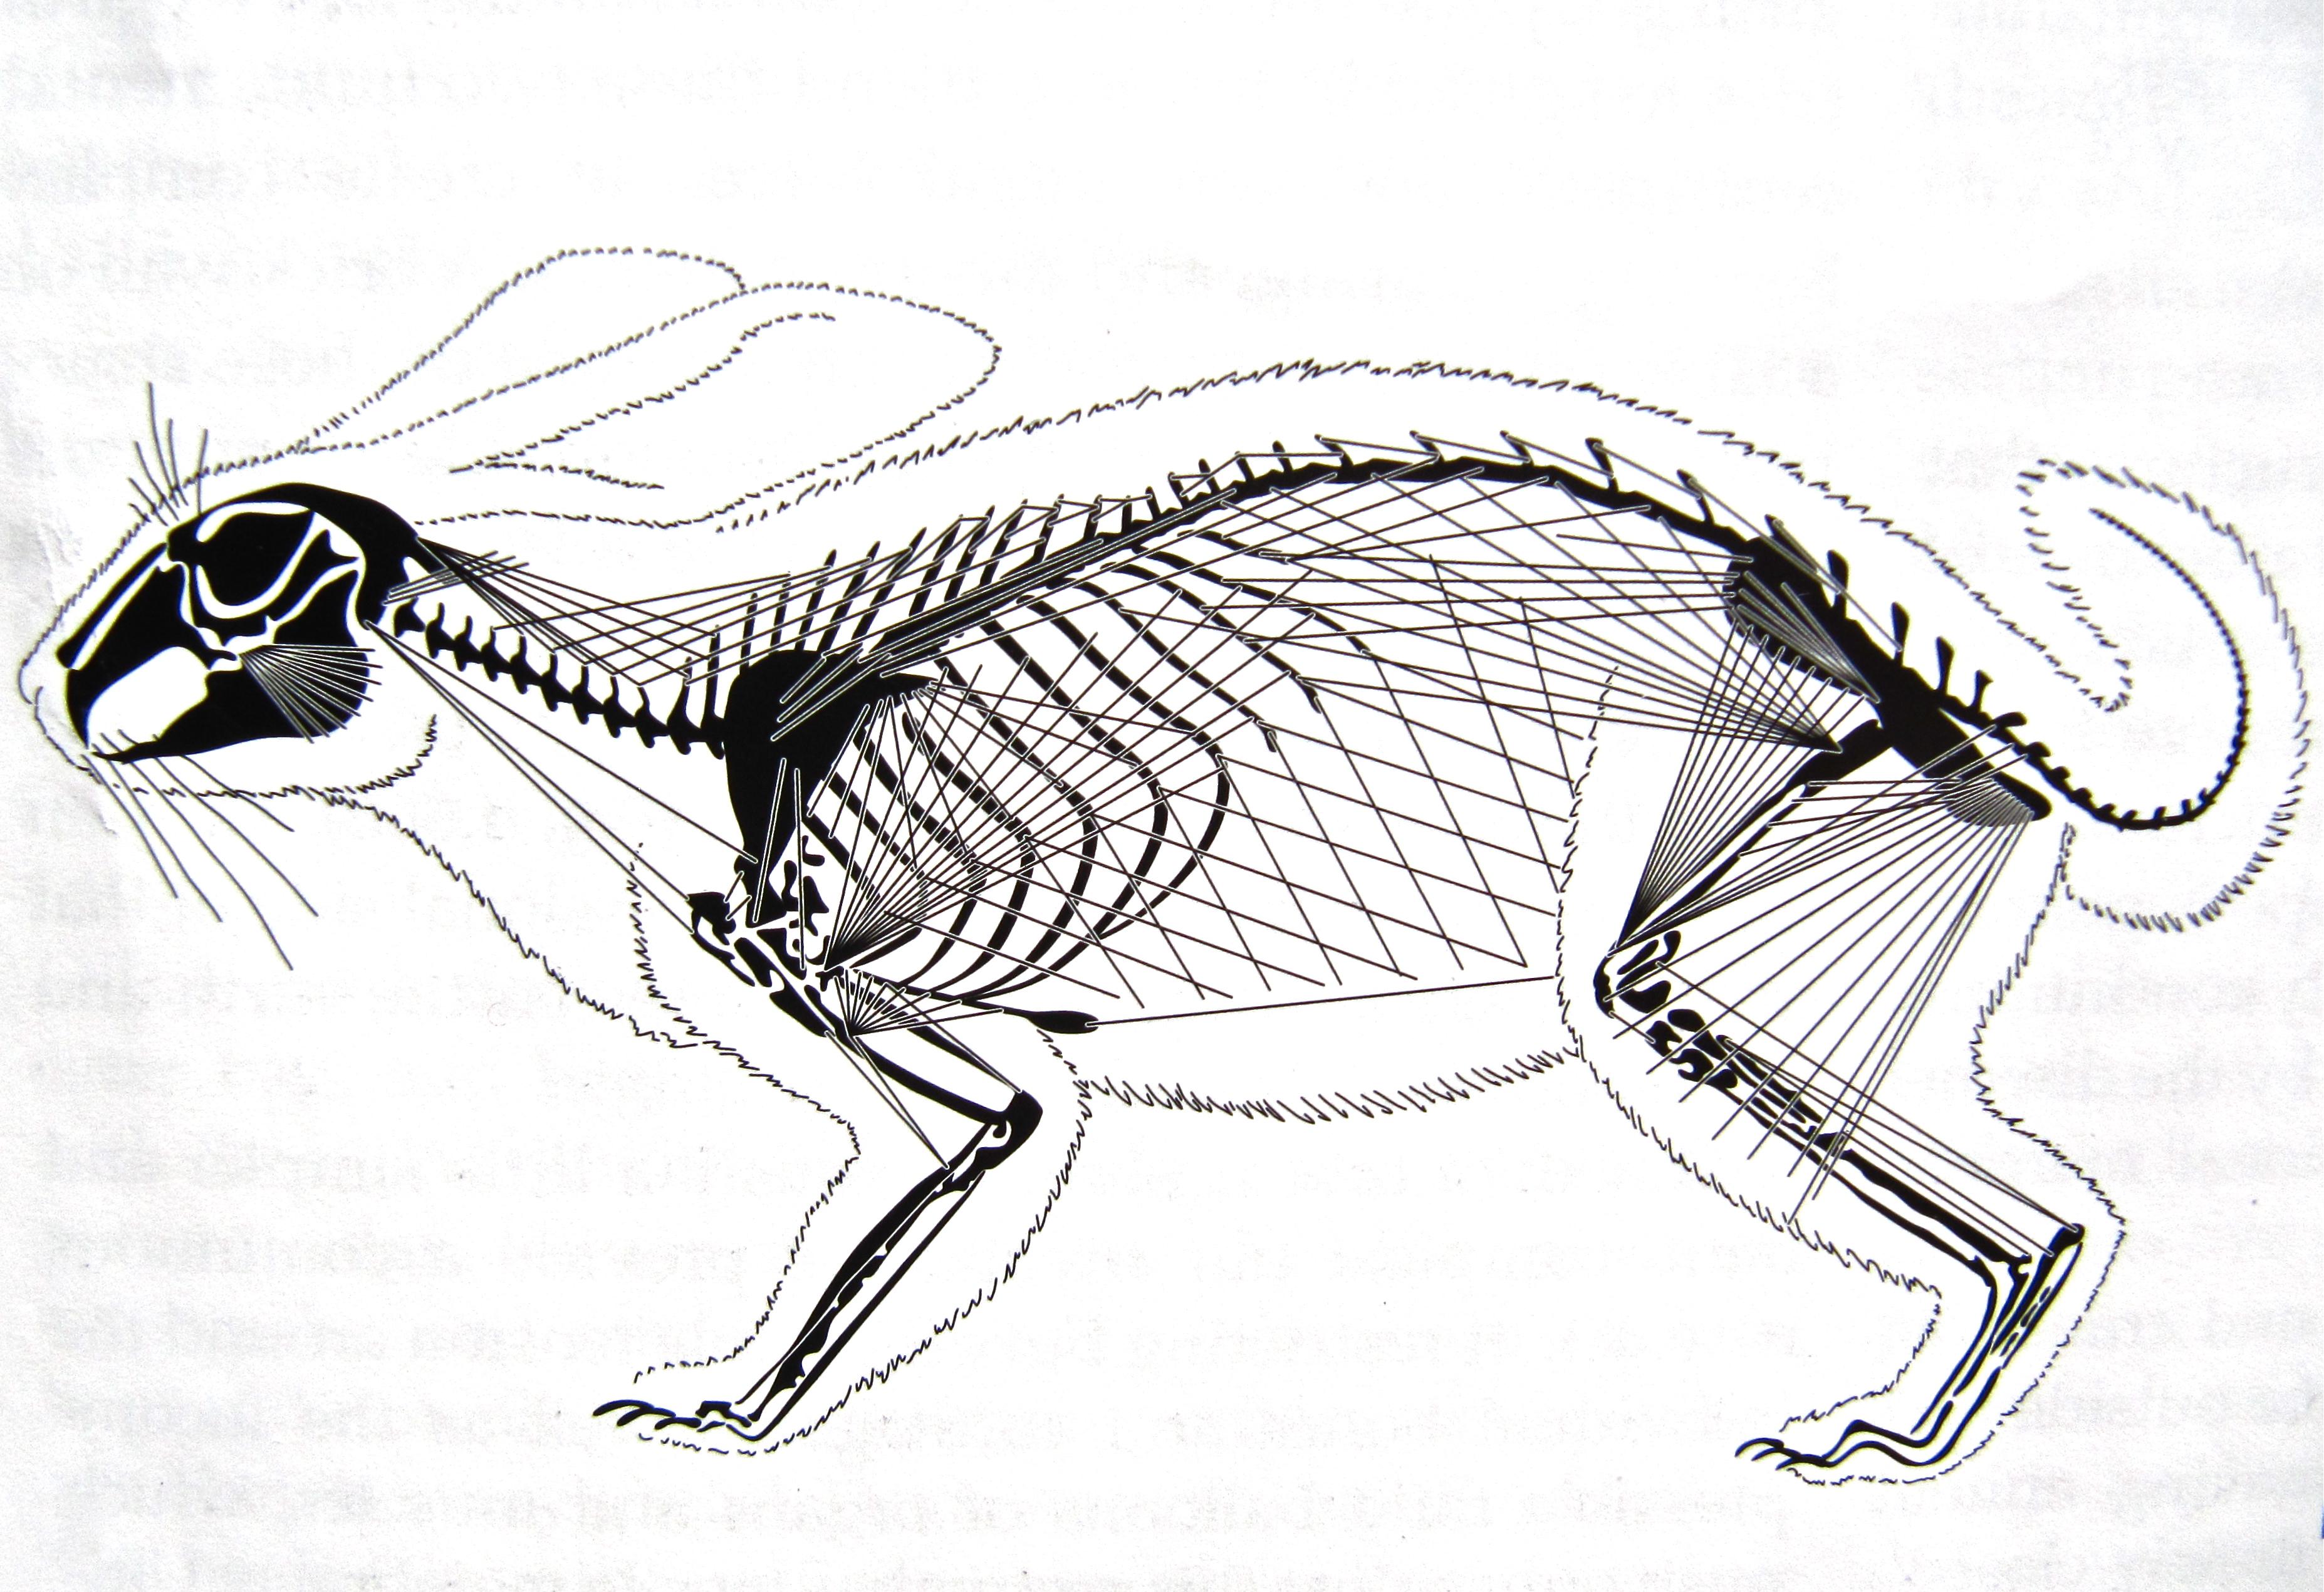 Cerebrovortex